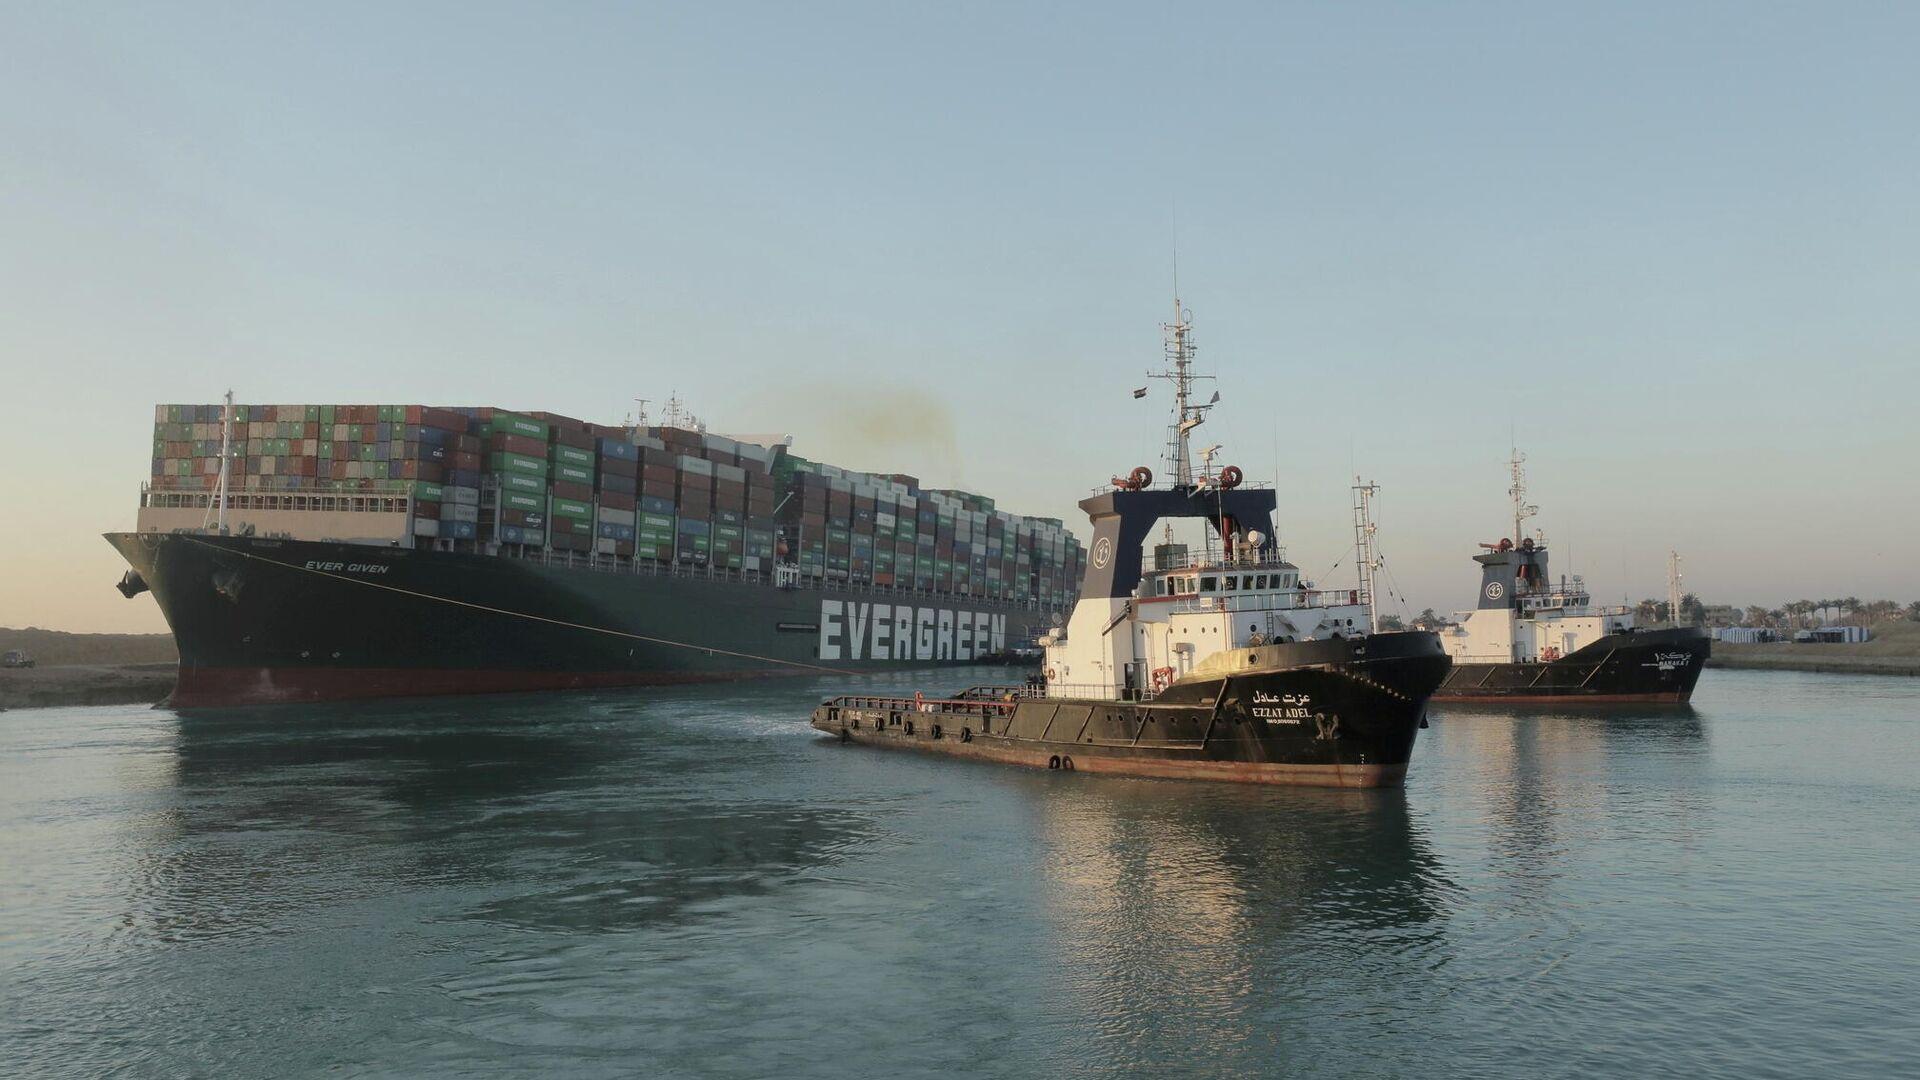 El buque portacontenedores Ever Given, uno de los portacontenedores más grandes del mundo, después de haber sido parcialmente reflotado, en el Canal de Suez. - Sputnik Mundo, 1920, 29.03.2021